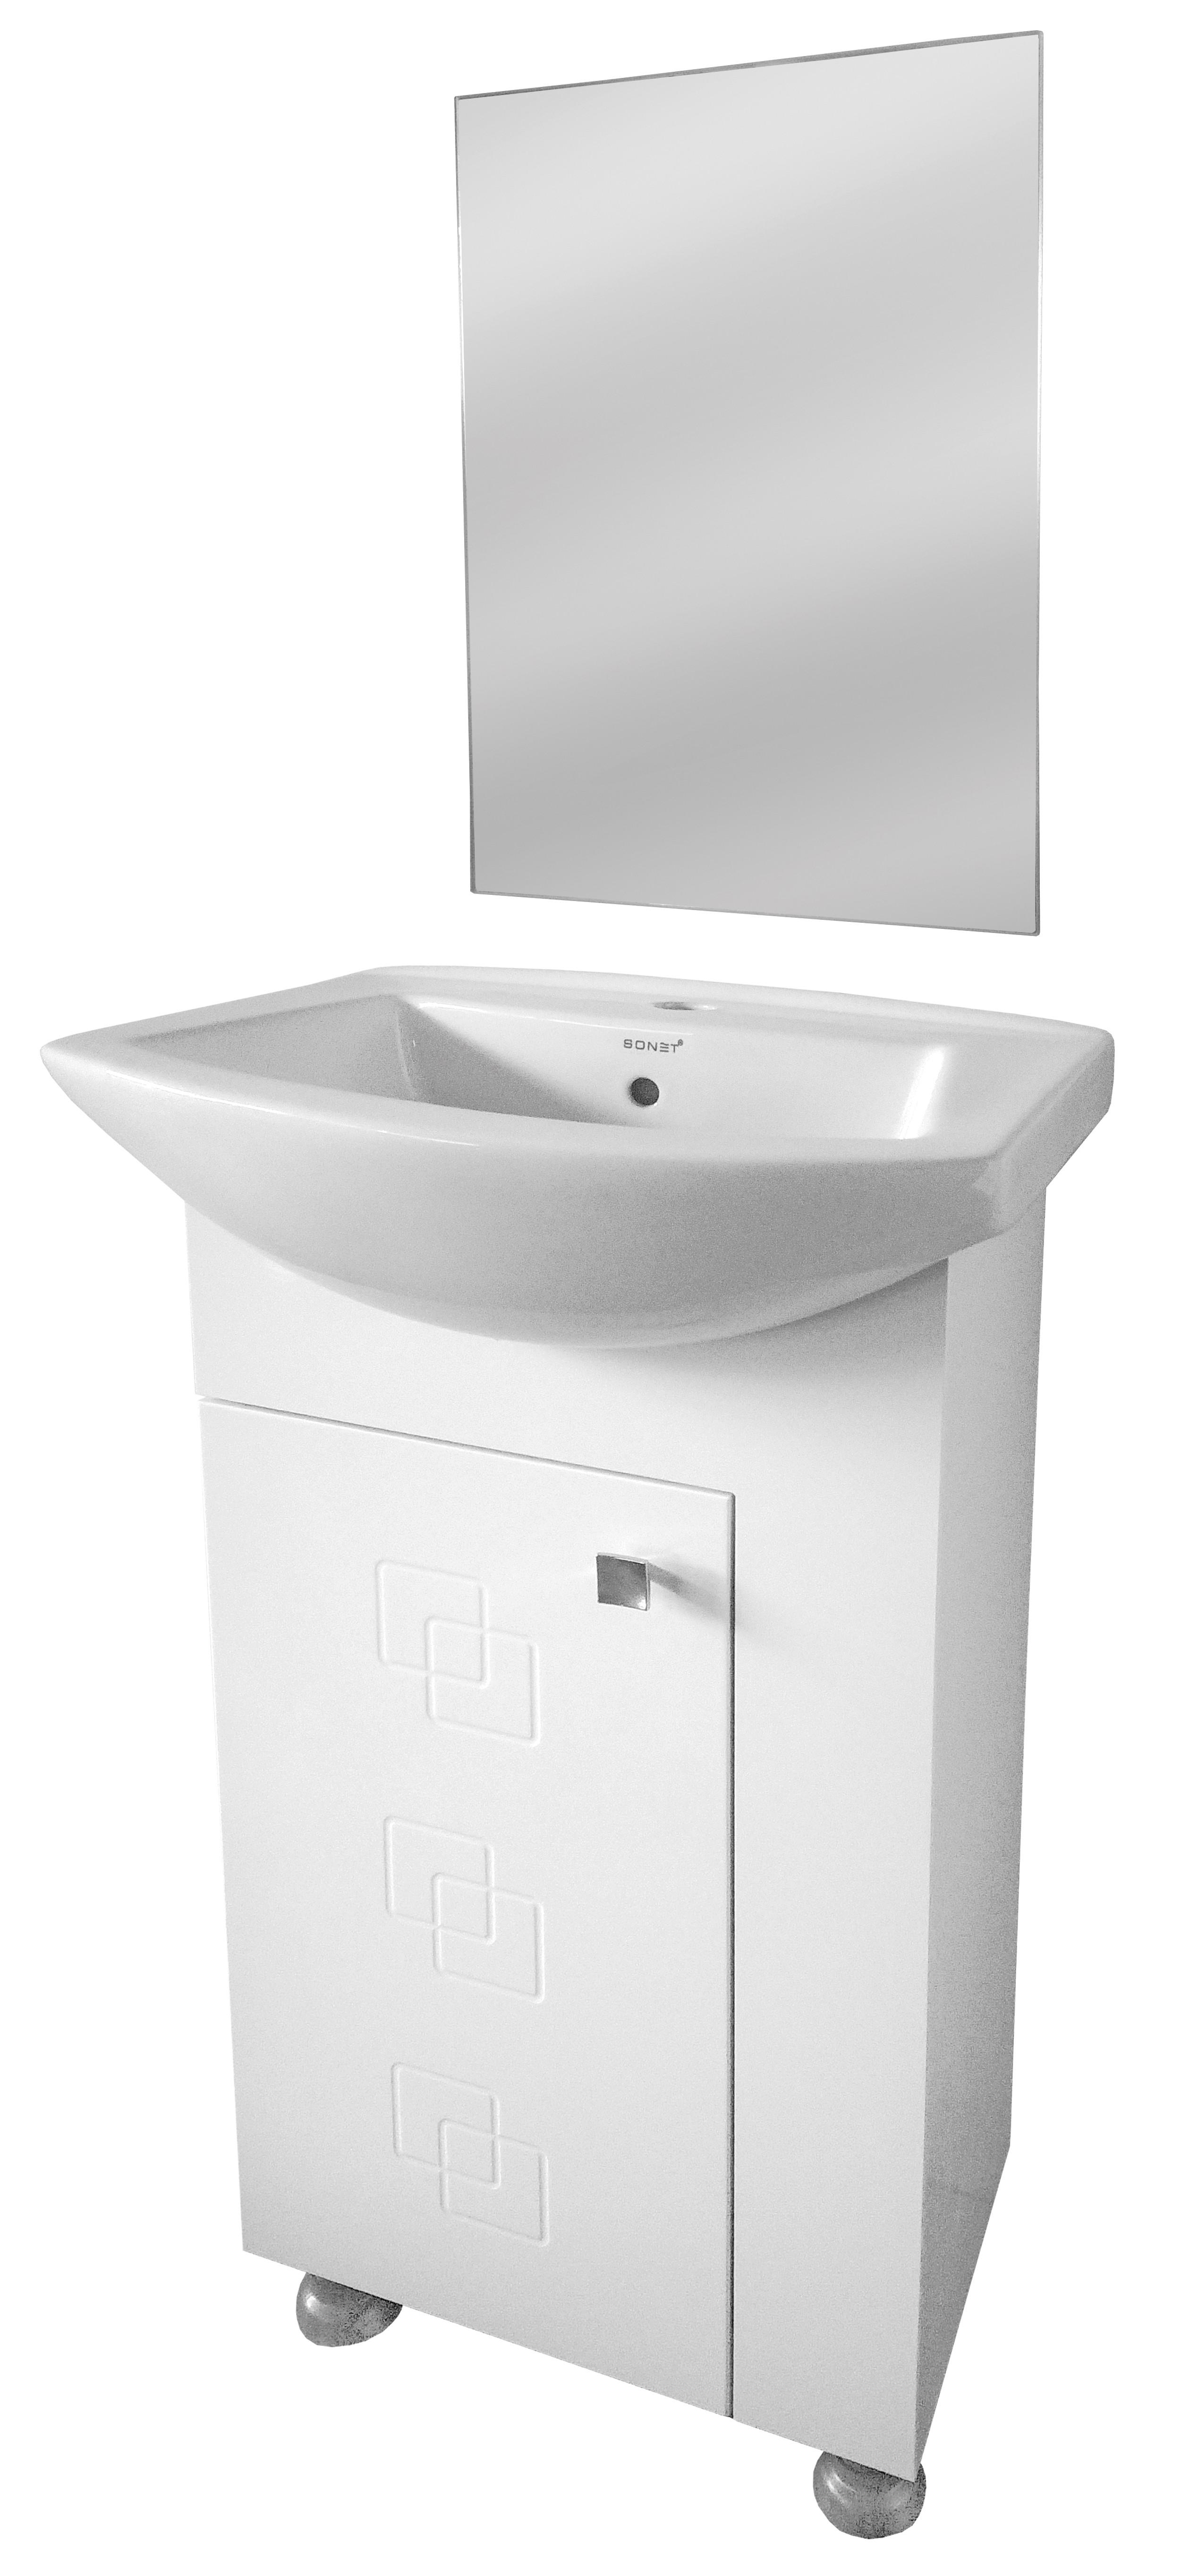 Долен шкаф за баня Коки в комплект с огледало